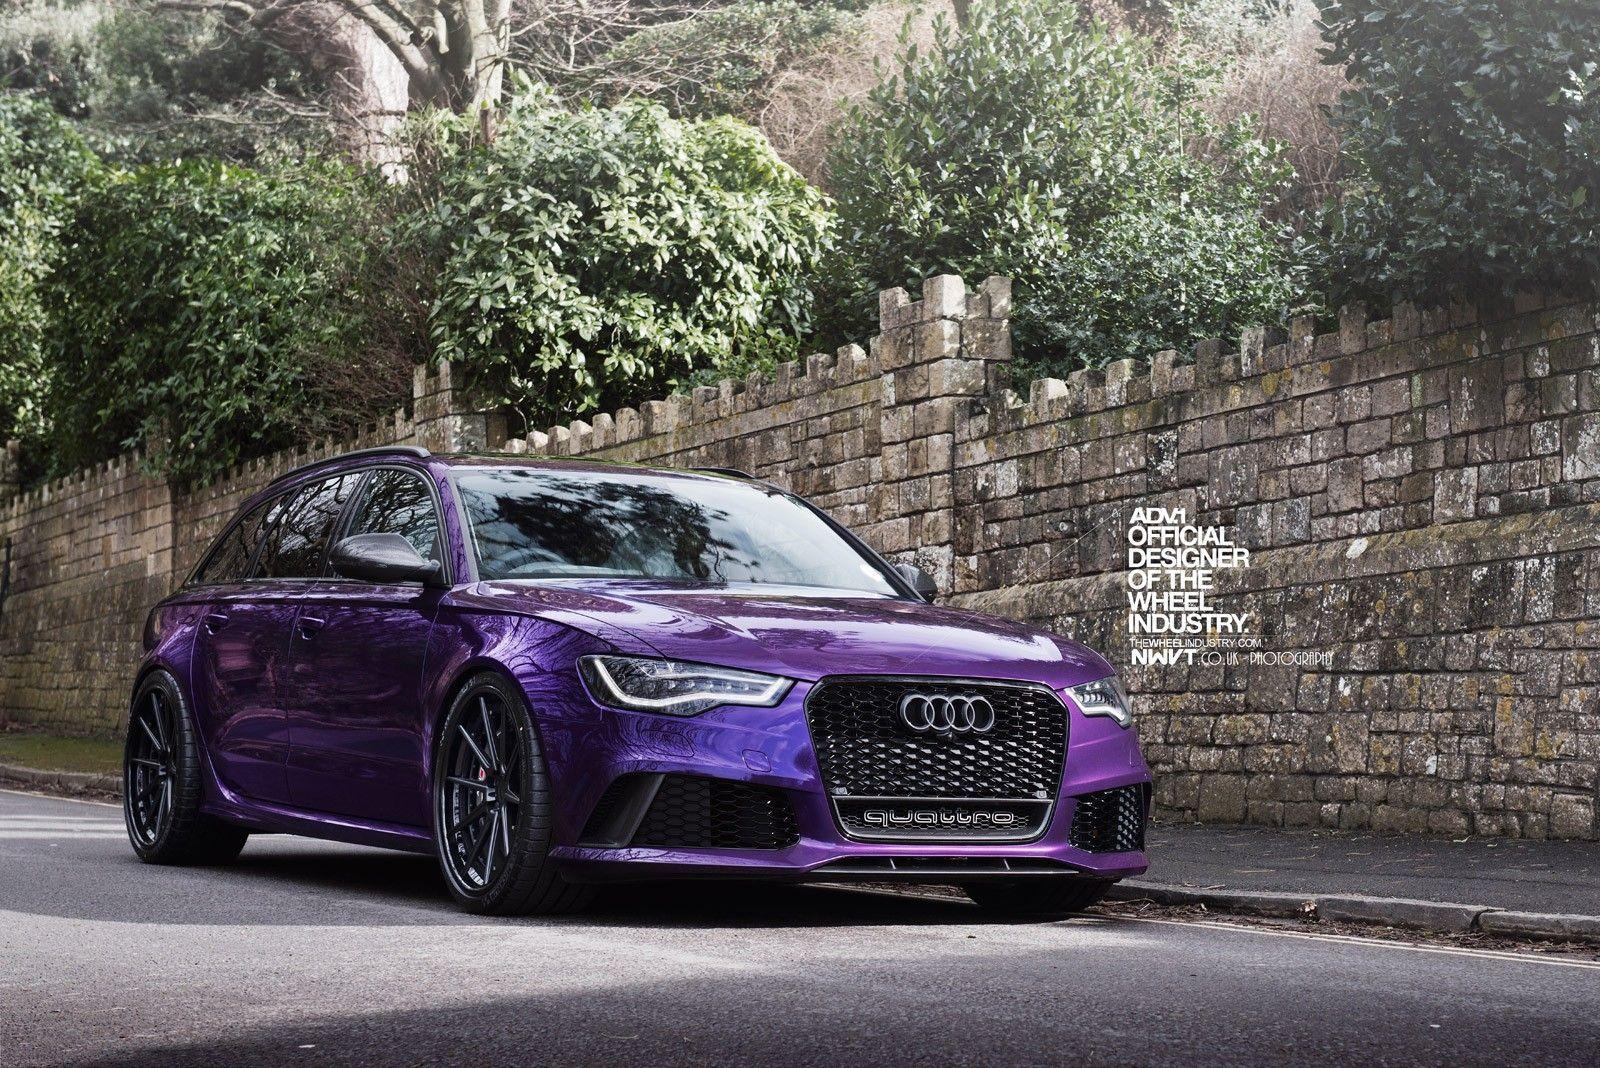 Audi, RS6, Audi RS4 Avant, Purple, ADV.1, ADV.1 Wheels, Quattro ...